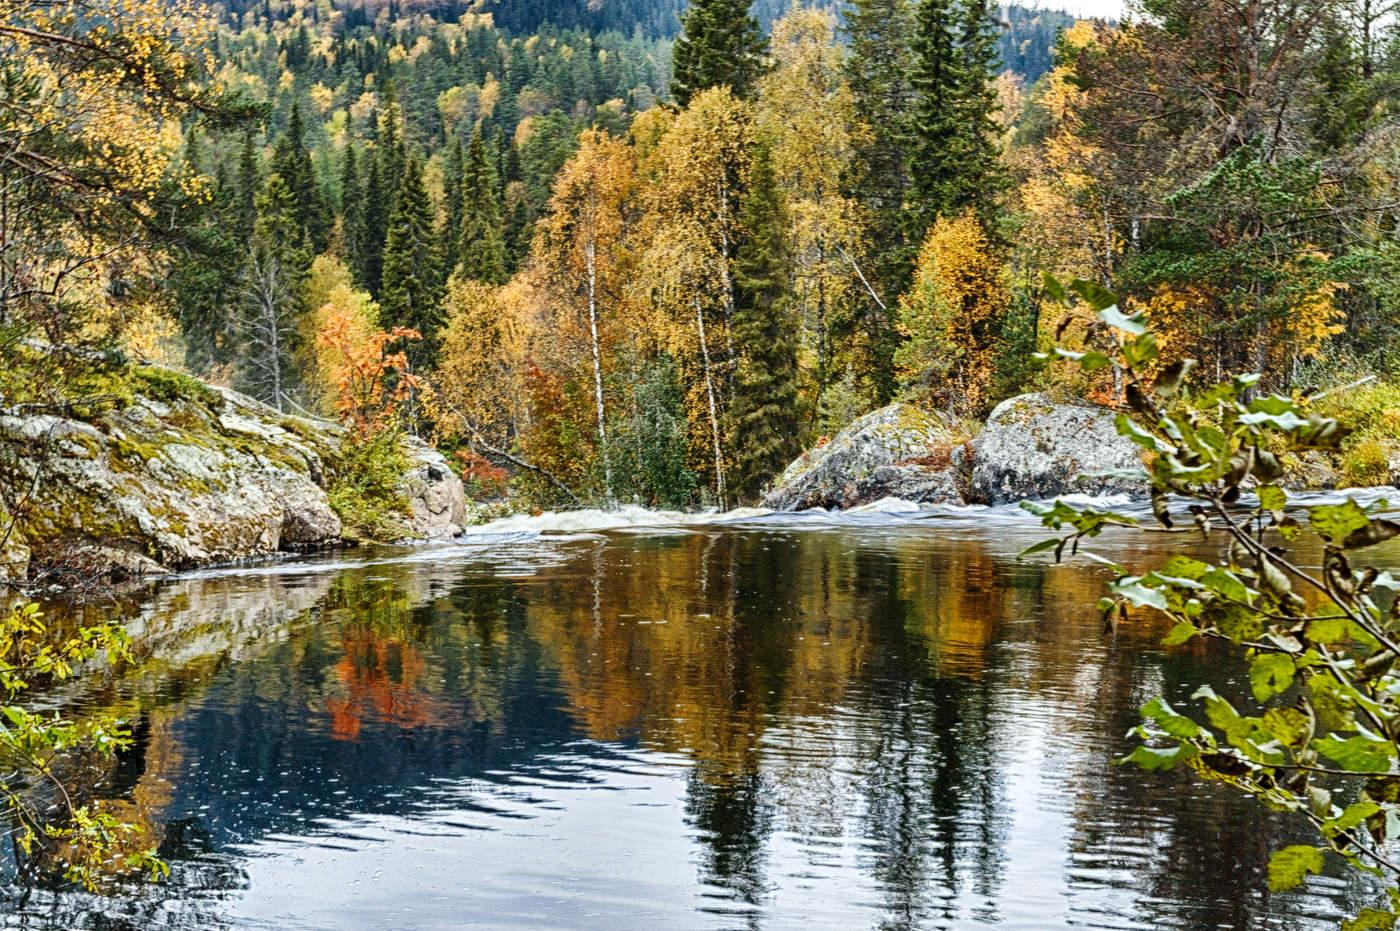 рассылке осень в карелии фото артиста